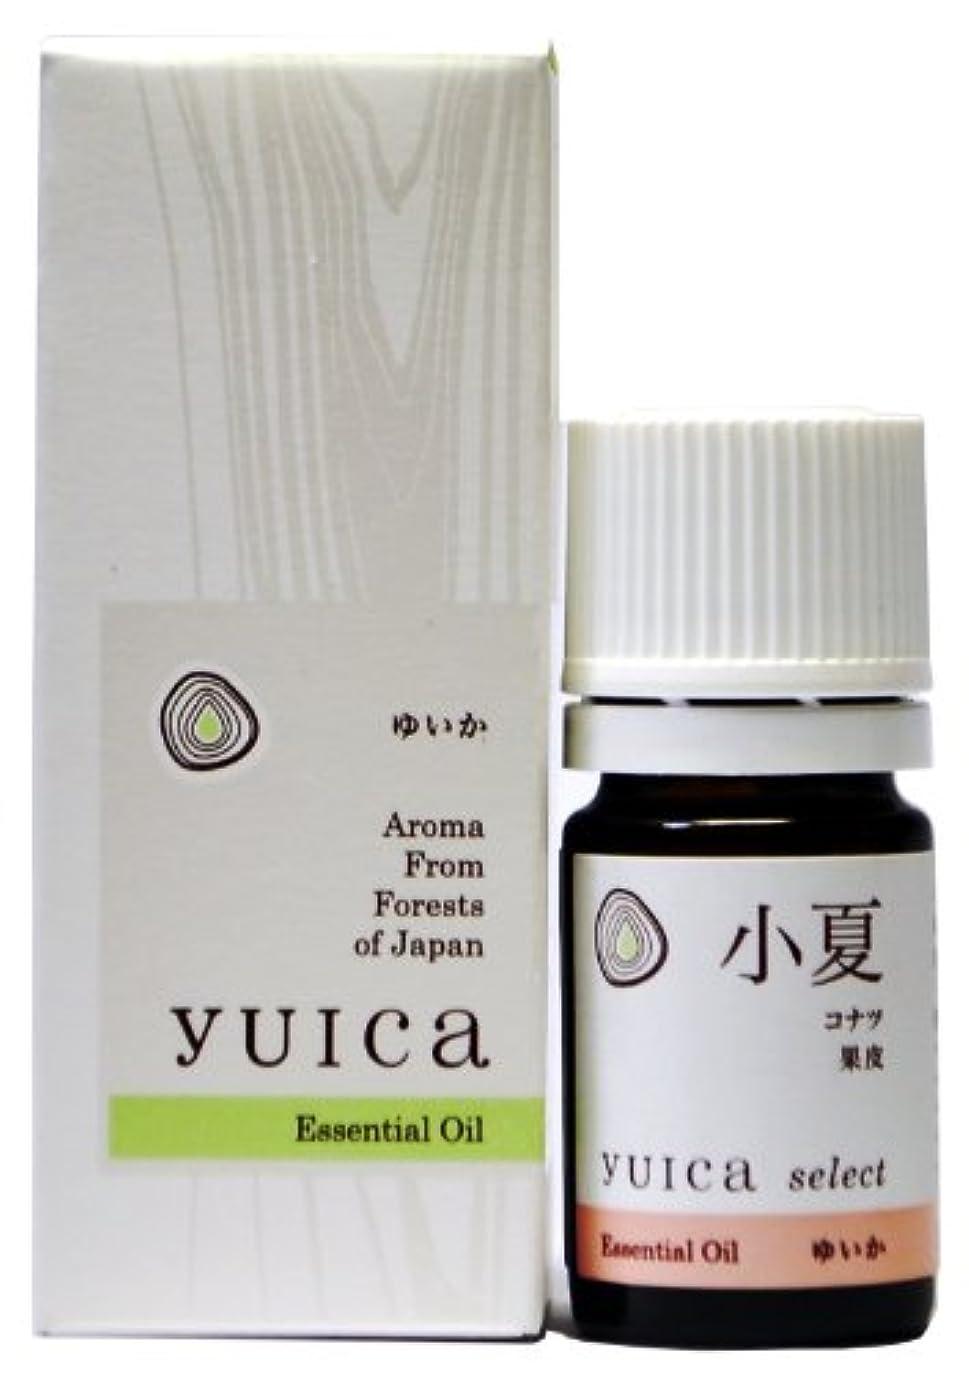 メカニックパラメータ間隔yuica select エッセンシャルオイル コナツ(果皮部) 5mL